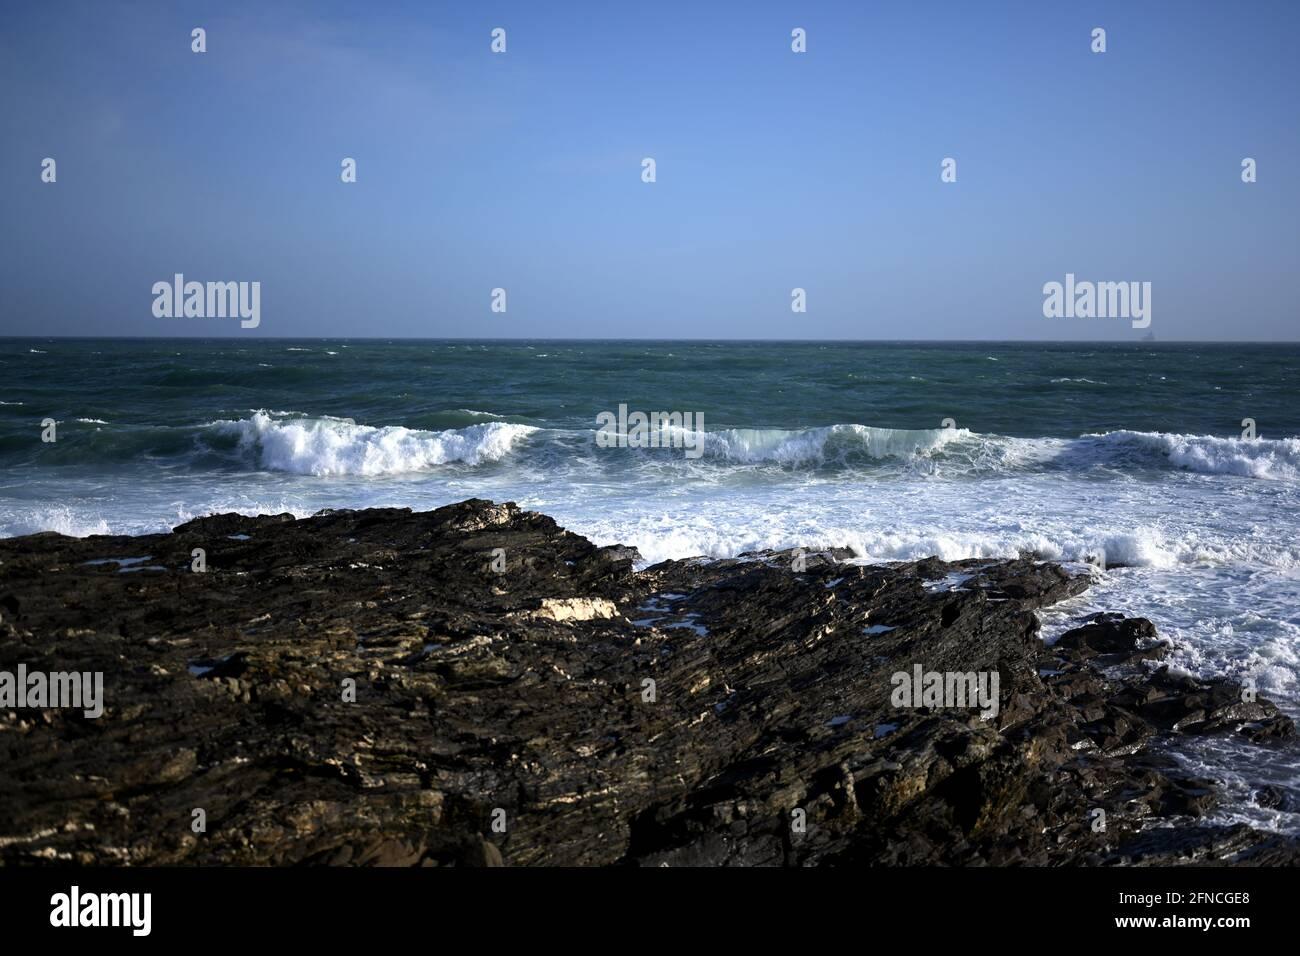 Magnifique paysage marin avec côte rocheuse et vagues écrasant sur les rochers, rocailleux et le concept de côte sauvage Banque D'Images